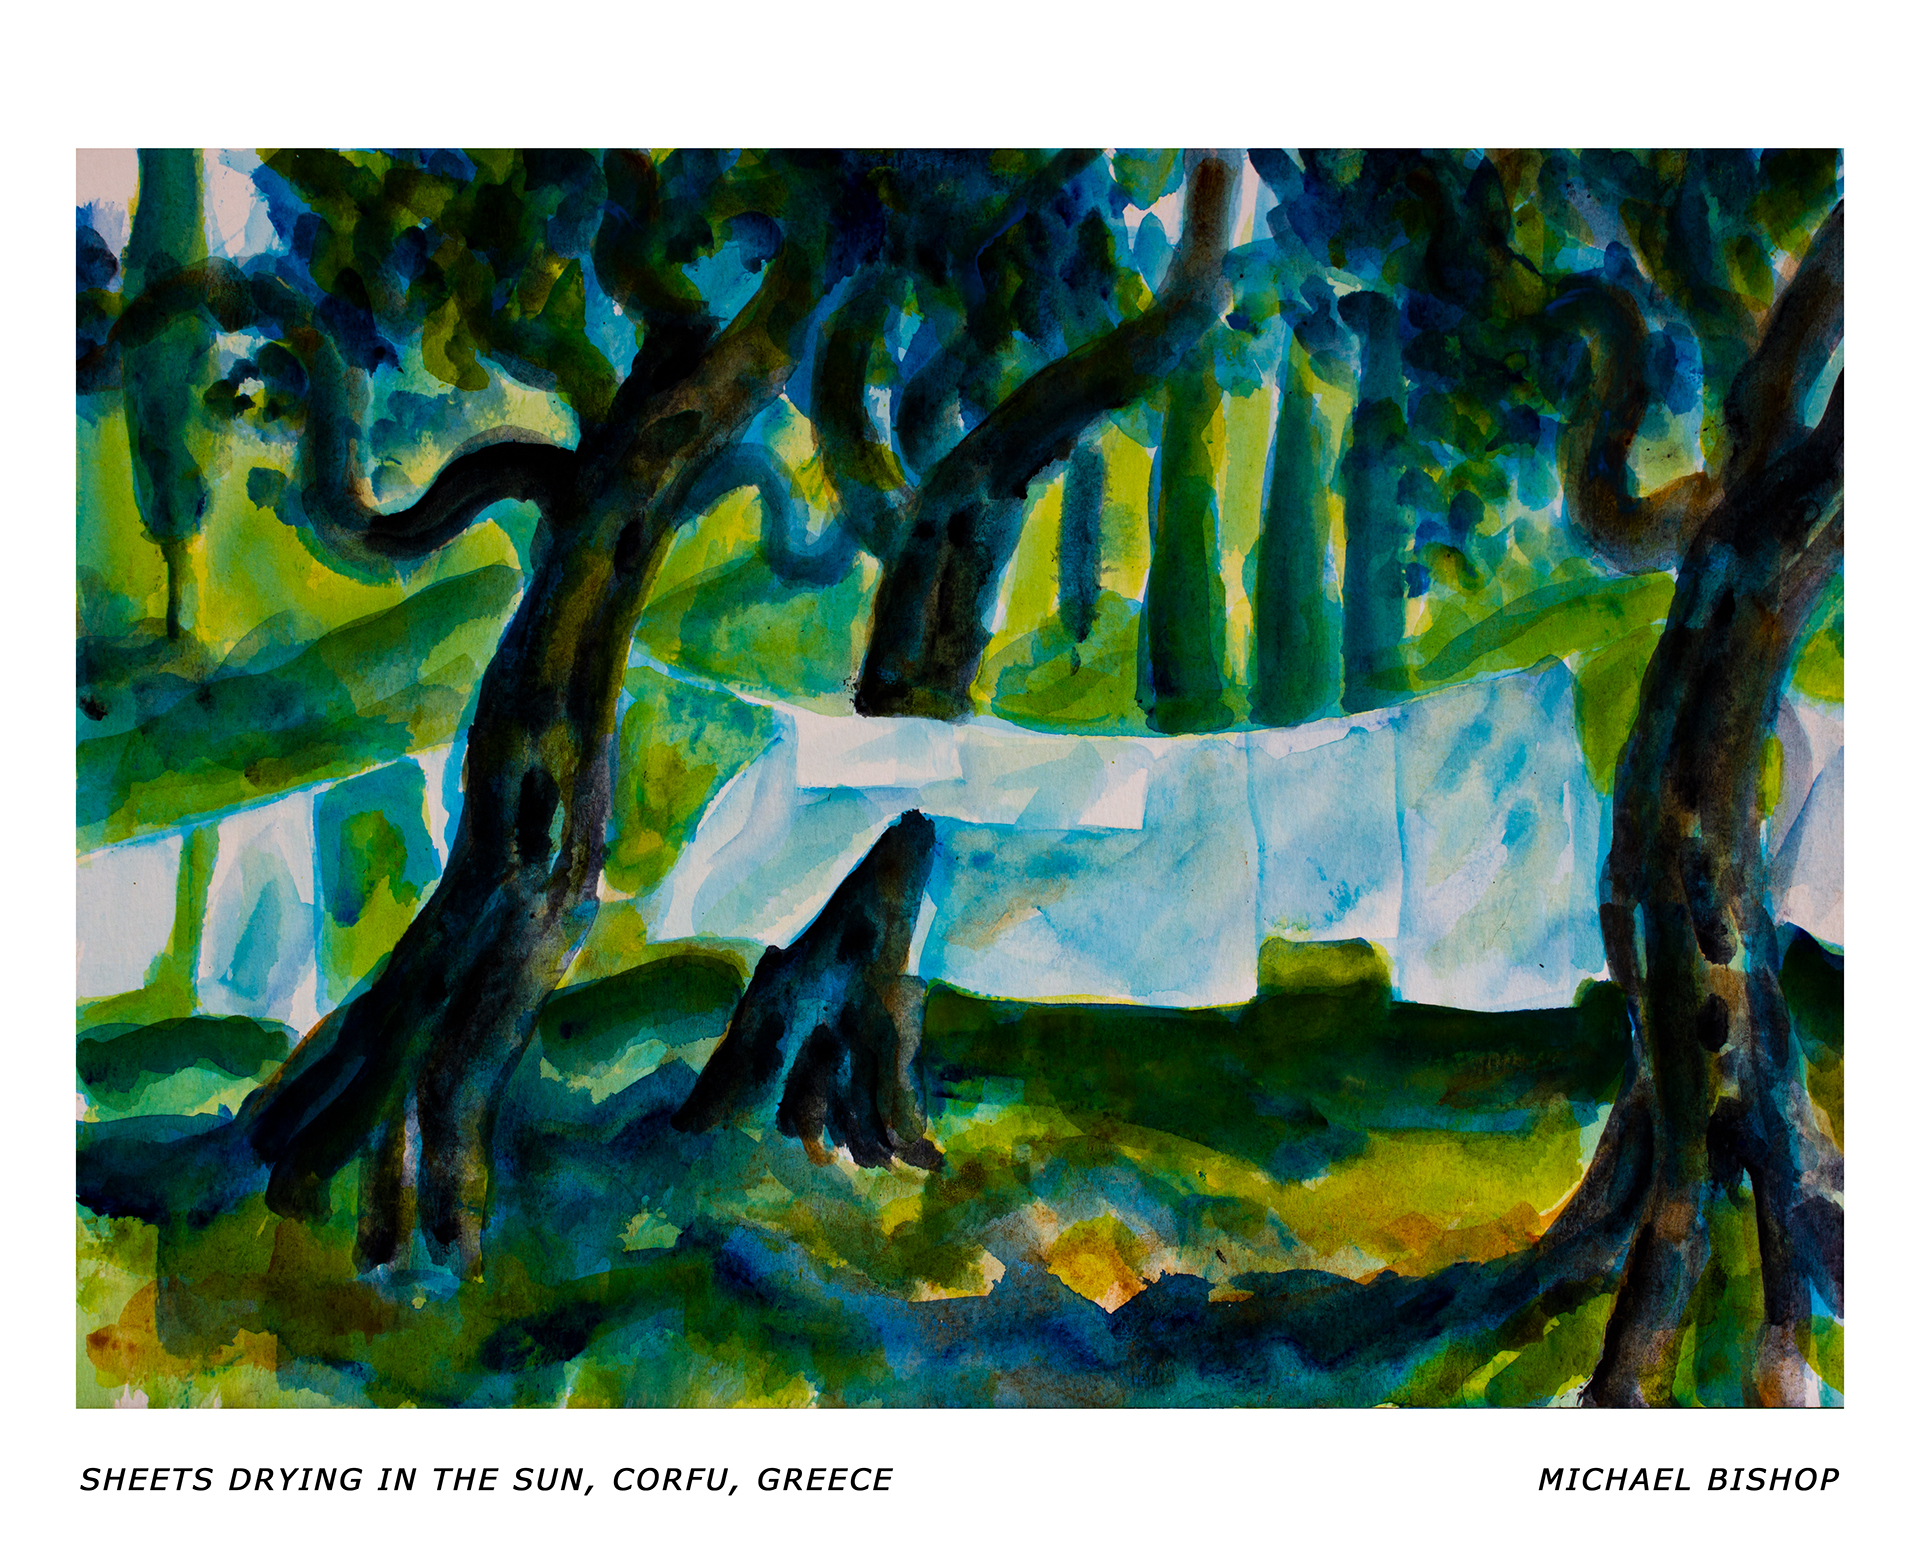 98_RA_MB_Sheets Drying in the Sun, Corfu, Greece